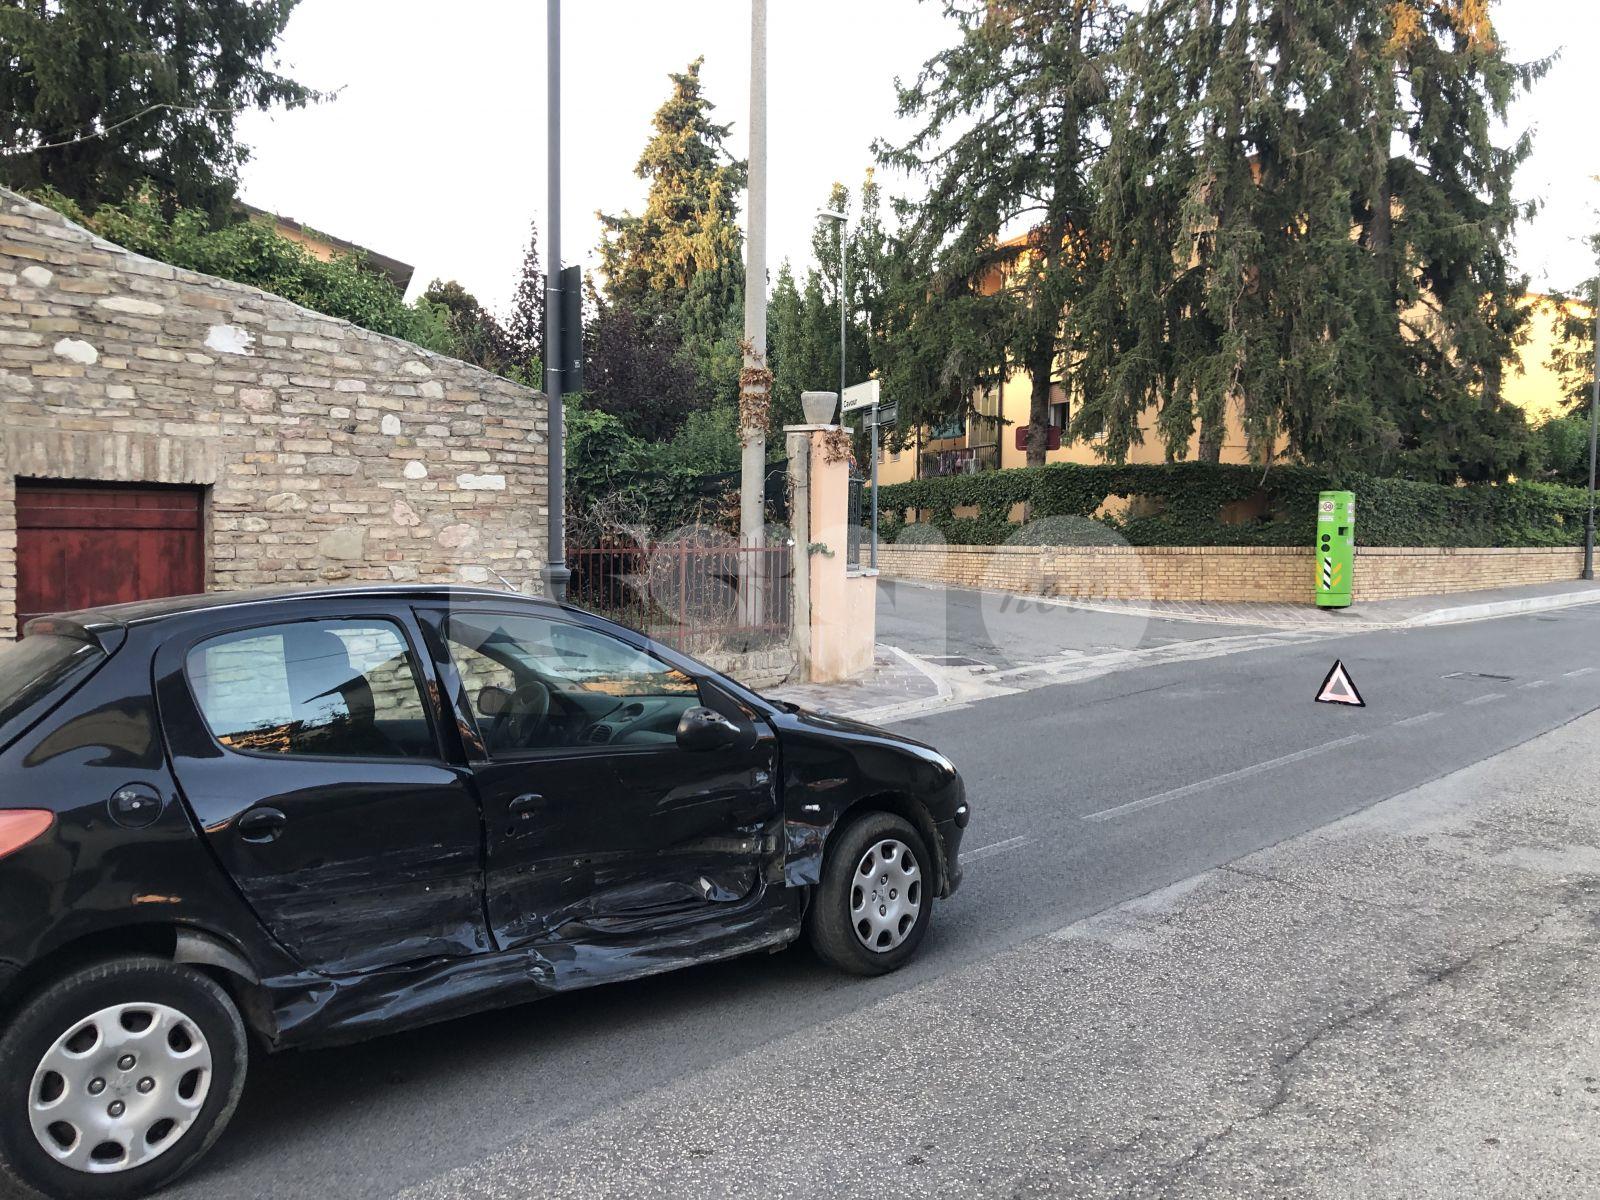 Incidente a Santa Maria degli Angeli, danni ai mezzi (foto)